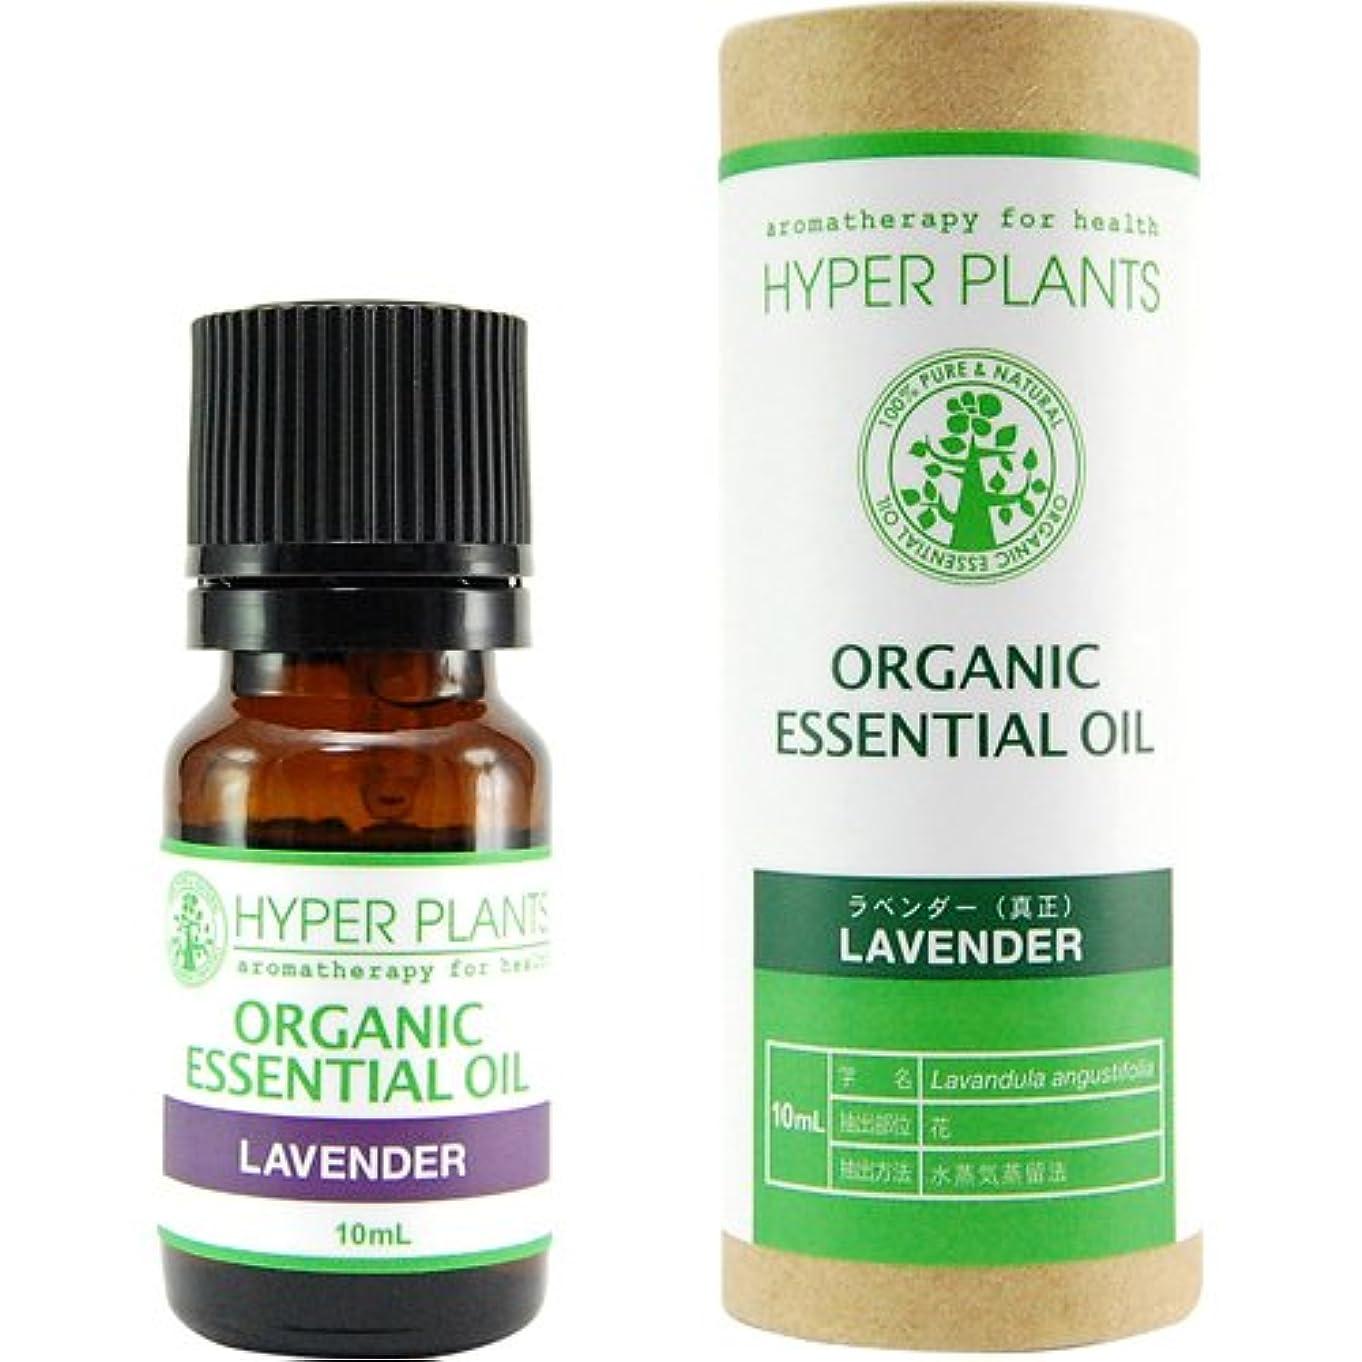 いつか壮大な識字HYPER PLANTS ハイパープランツ オーガニックエッセンシャルオイル ラベンダー(真正) 10ml HE0207